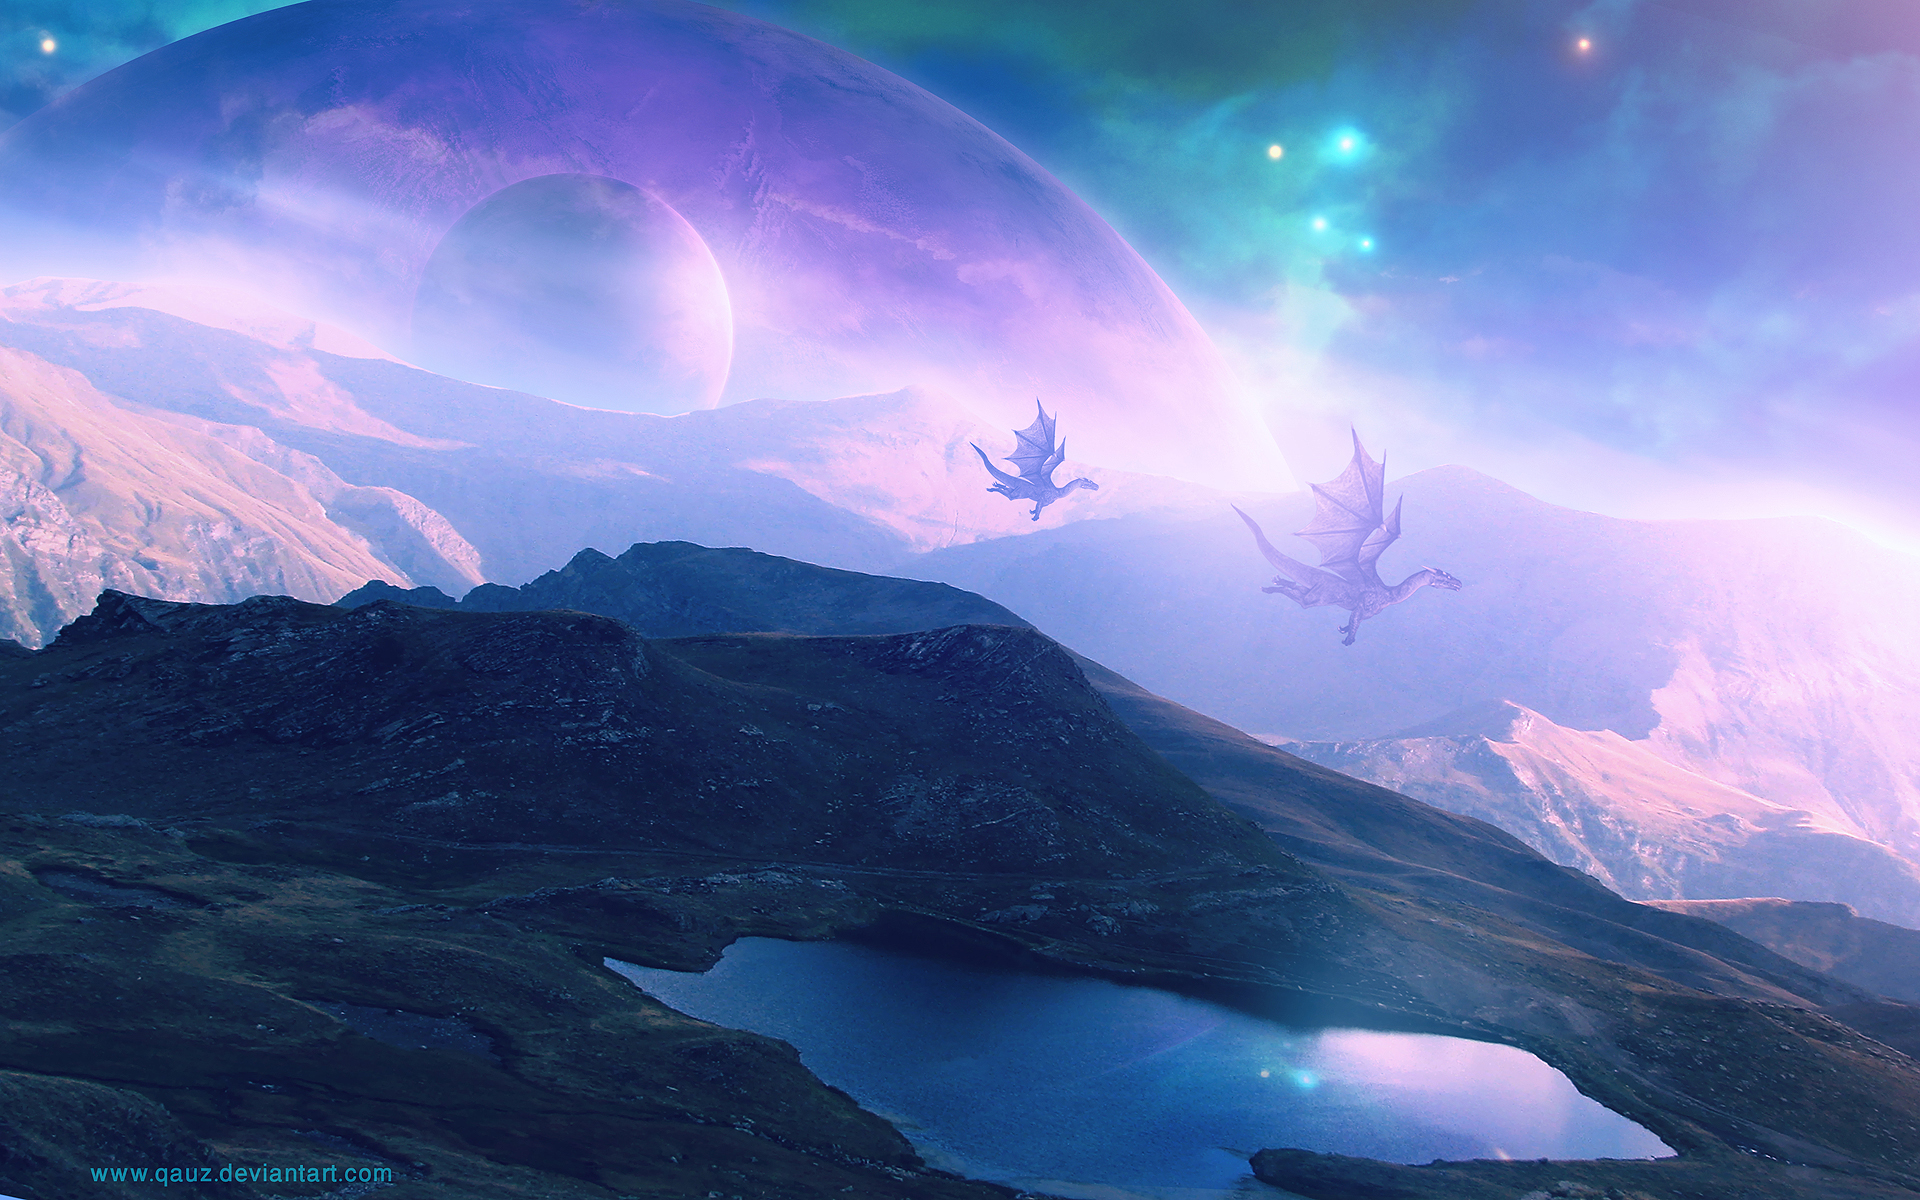 dragon landscape scenic wallpaper - photo #14